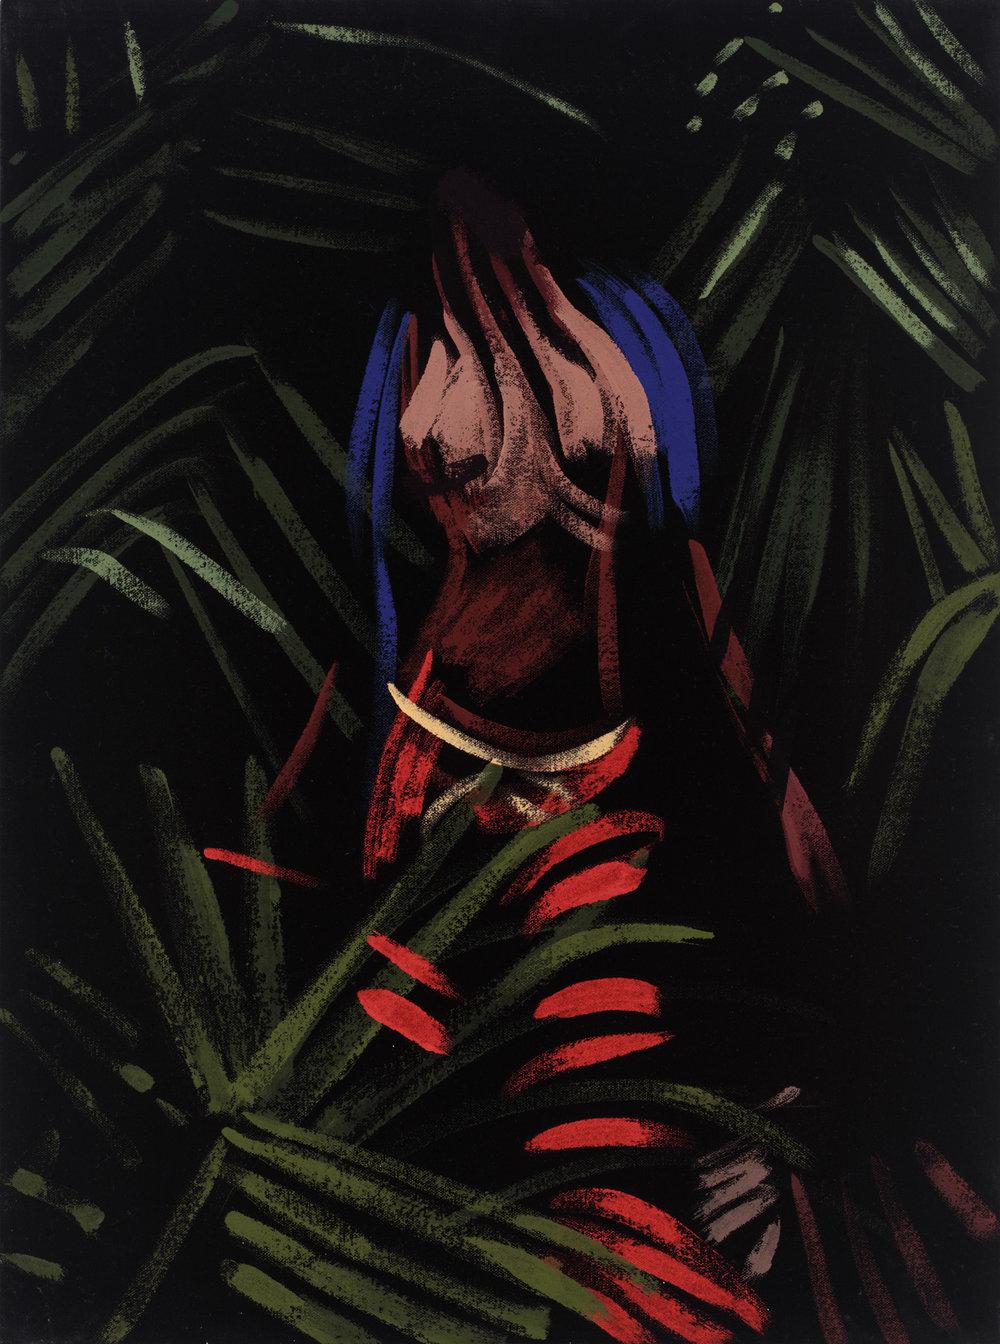 Dark Forrest, 2015